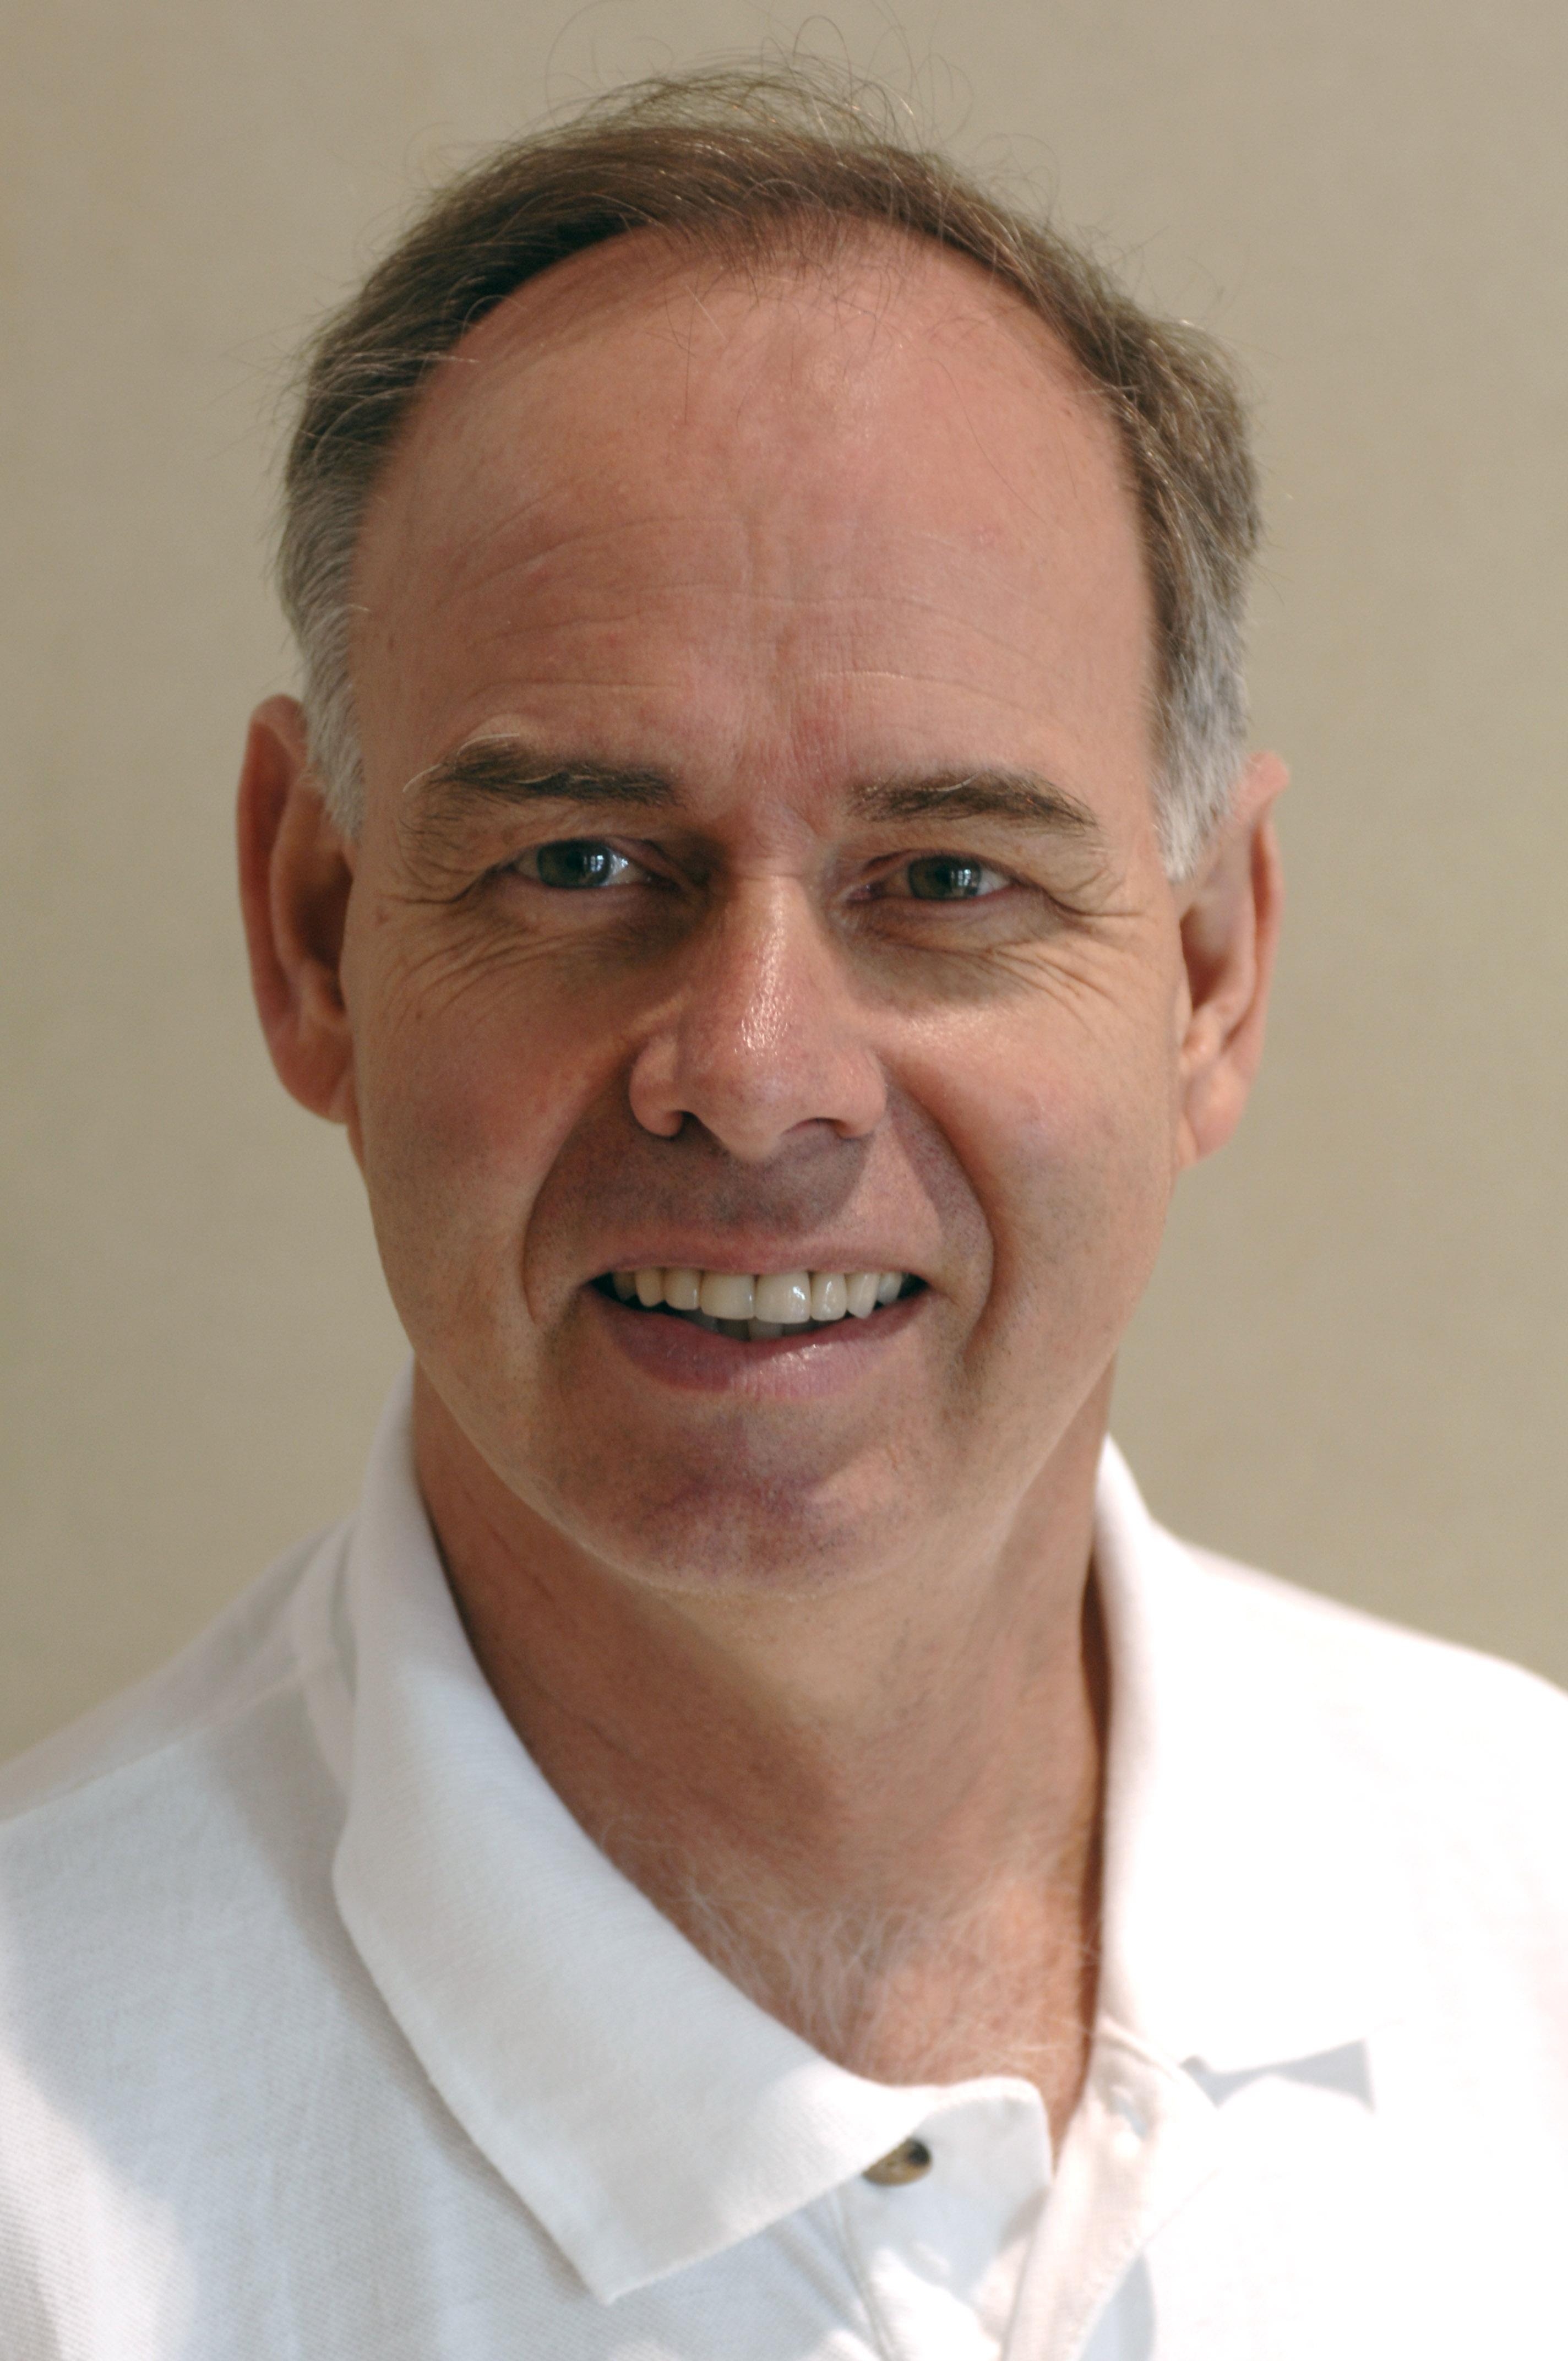 Donald E. Skinner